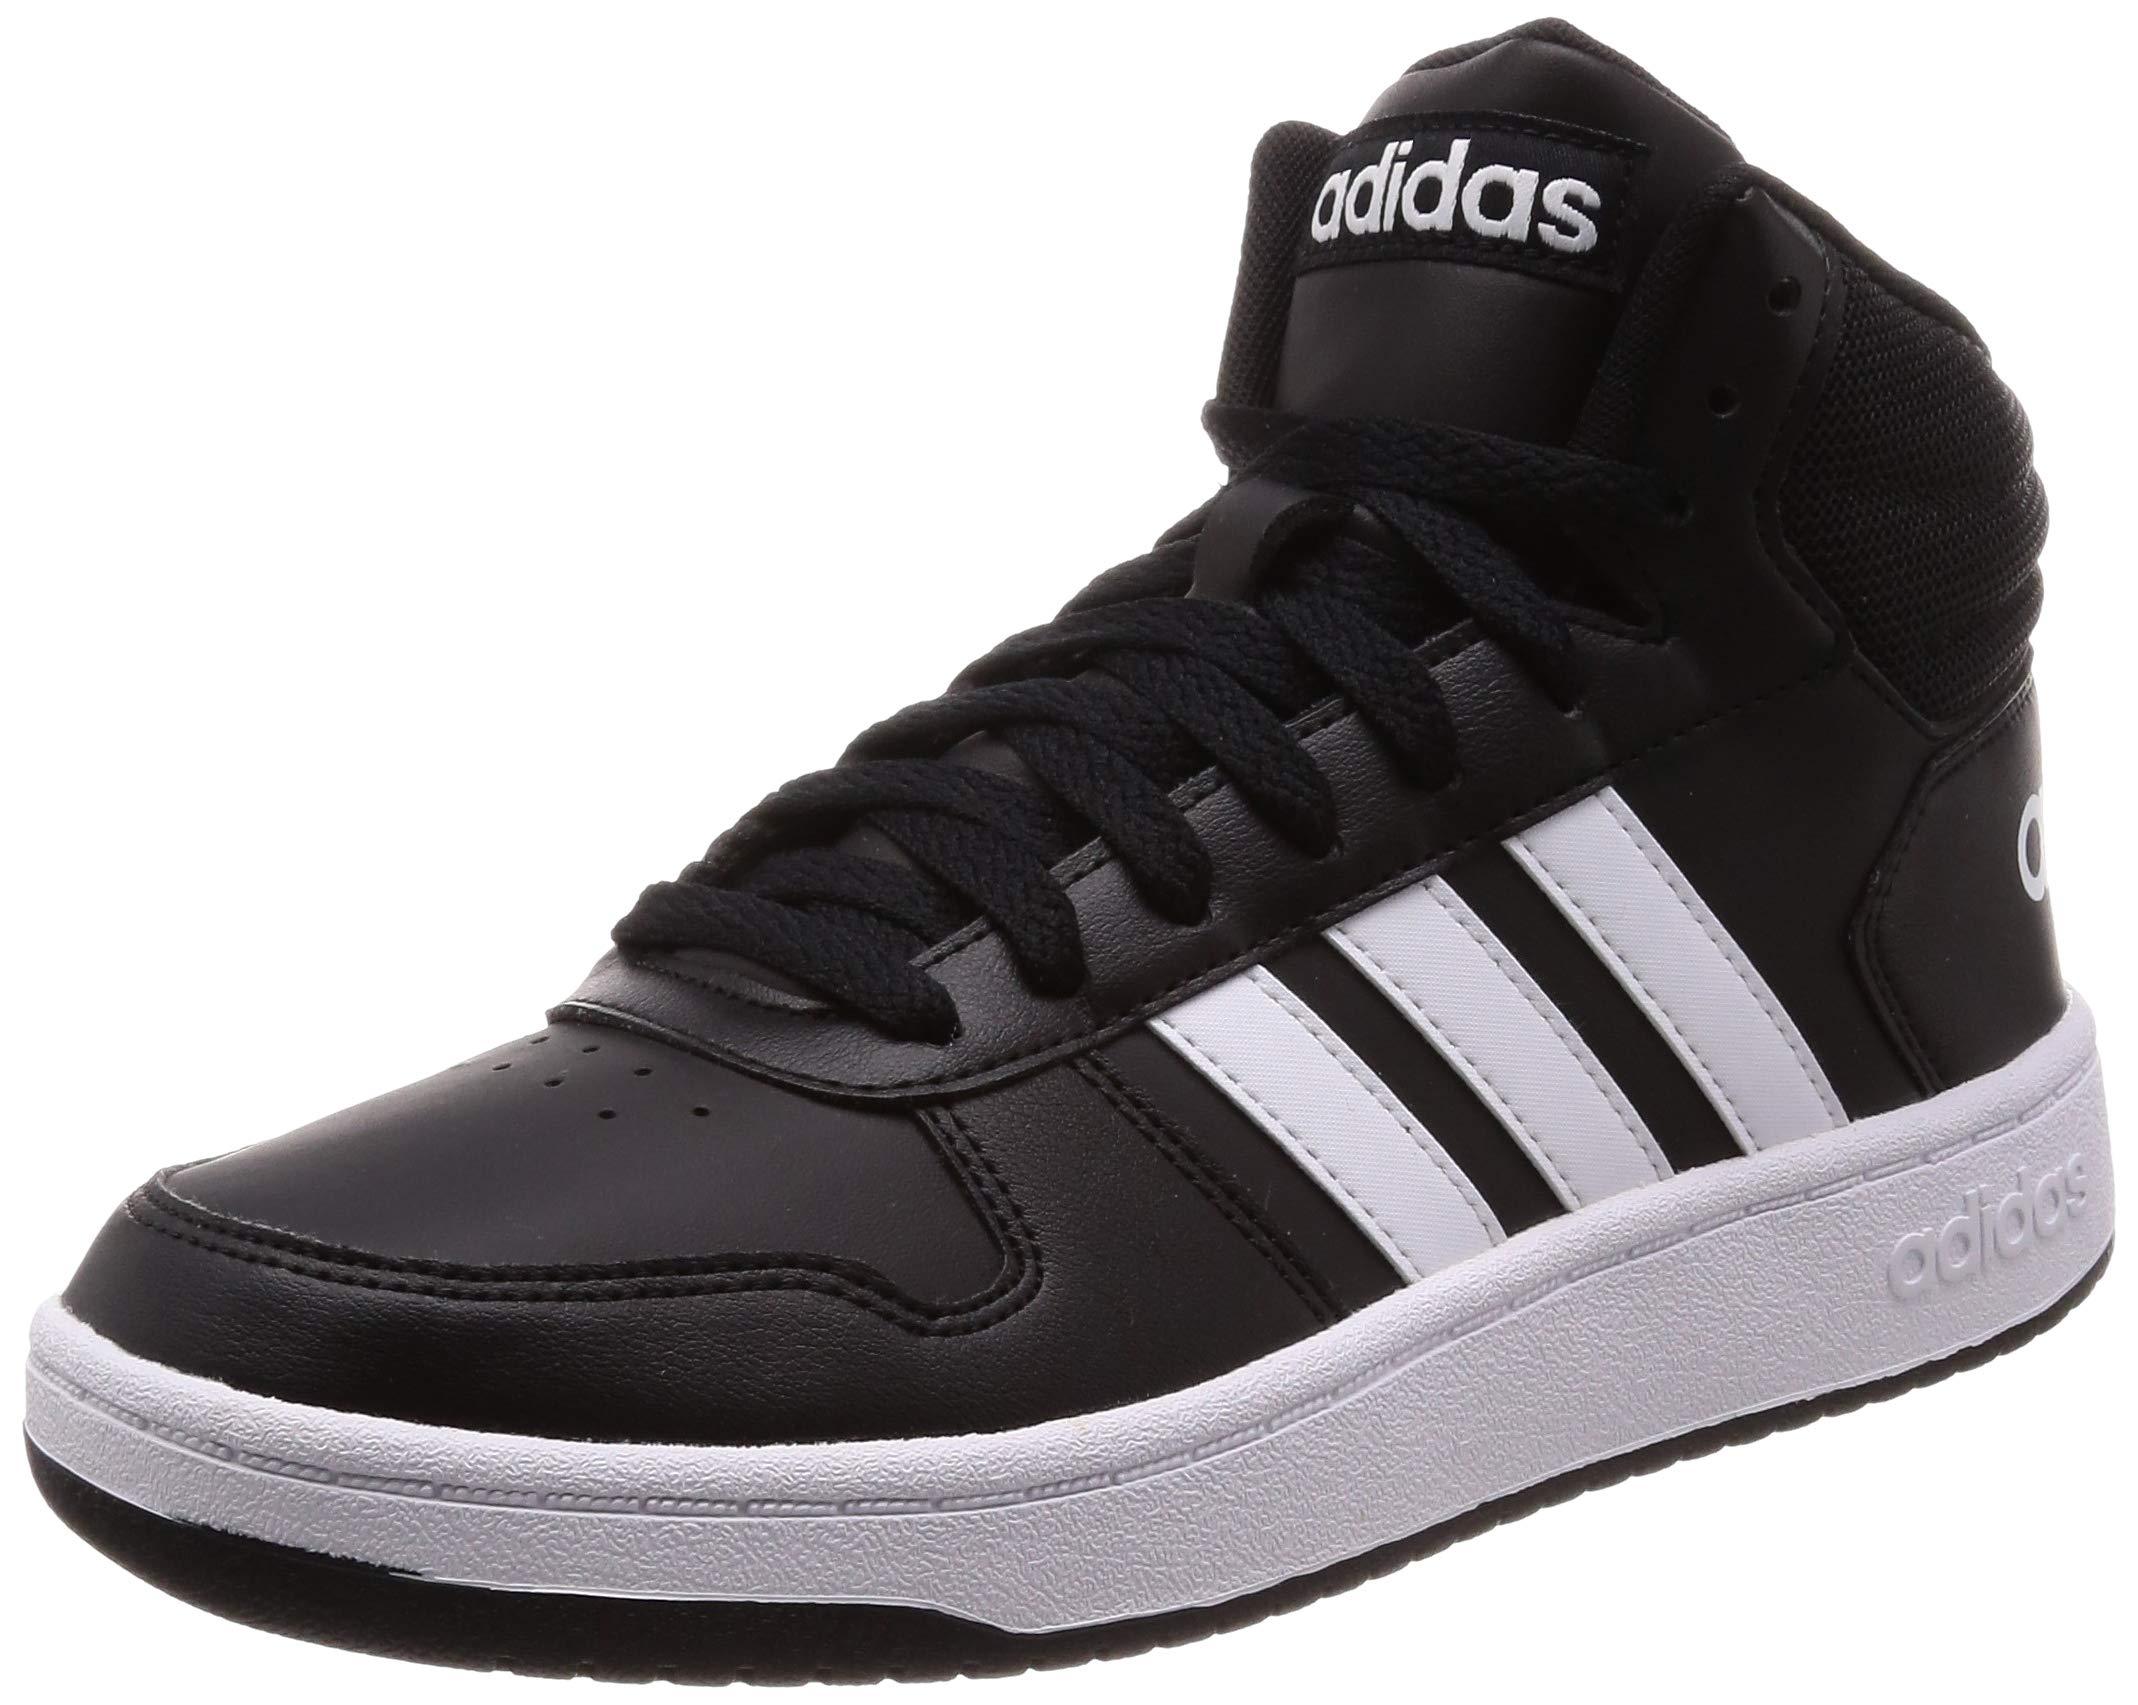 adidas Hoops 2.0 Mid, Zapatos de Baloncesto para Hombre product image